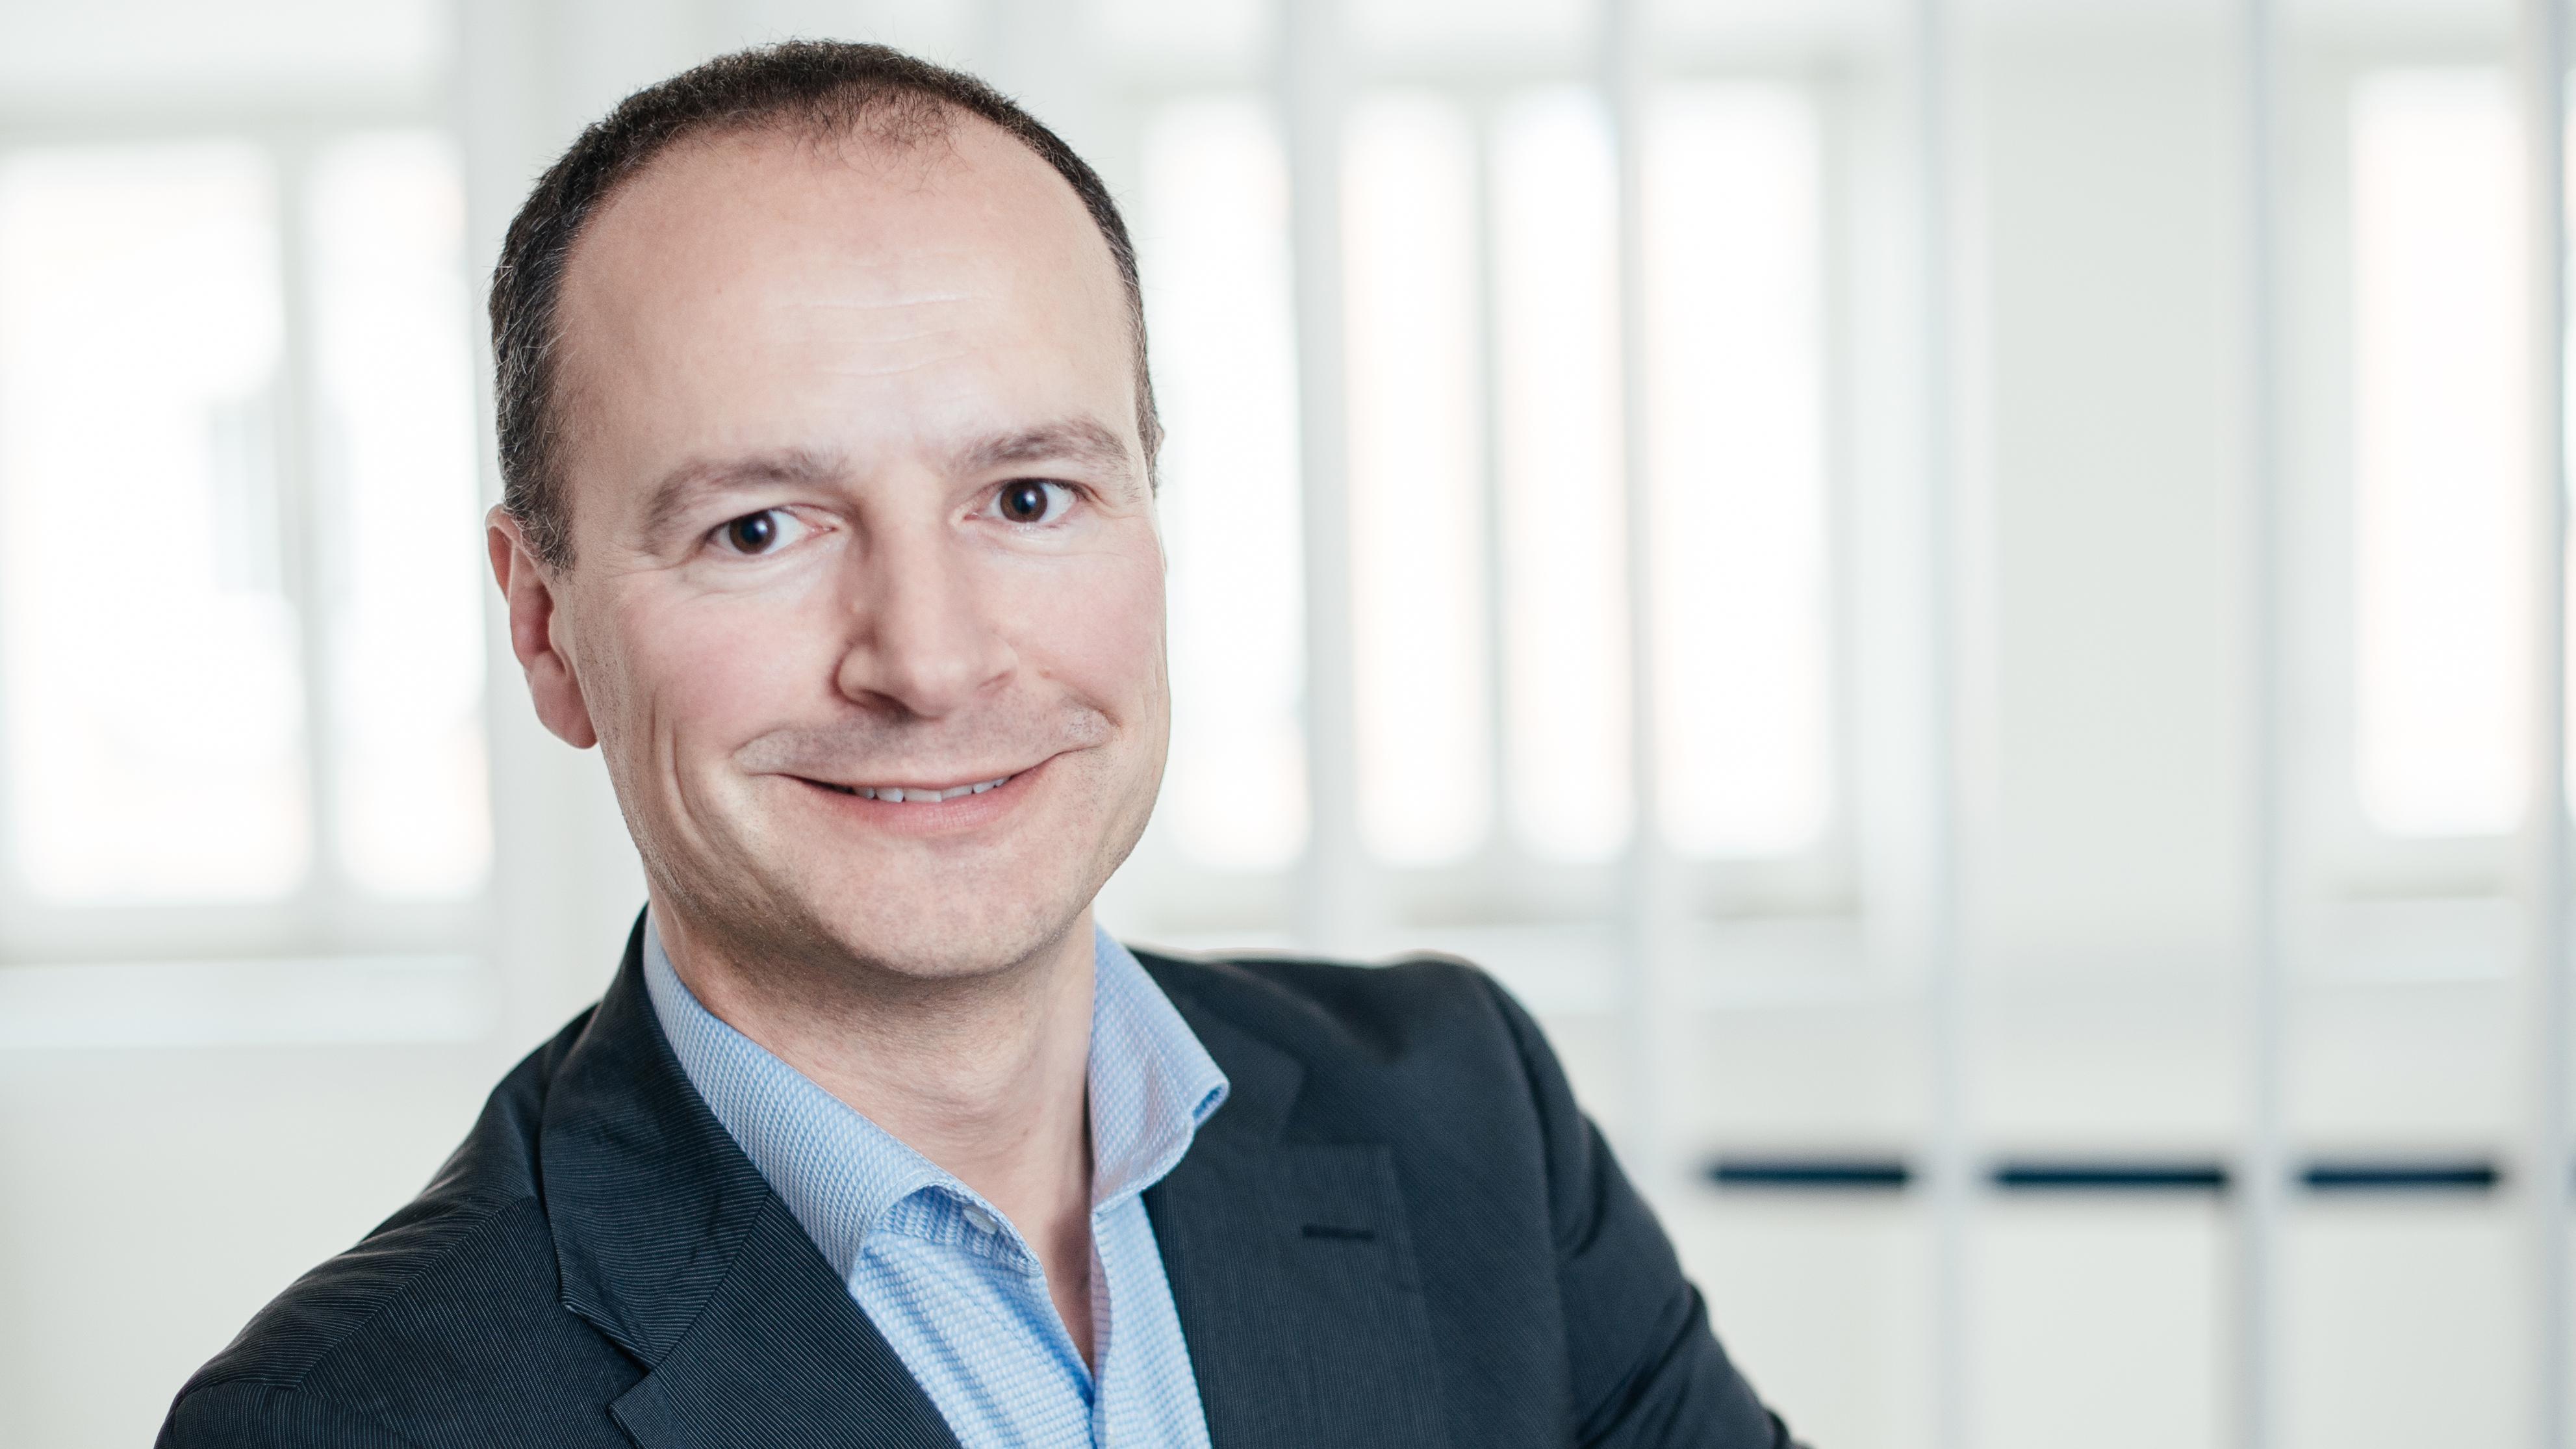 Steffen Jenter, kommissarischer Leiter B5 aktuell